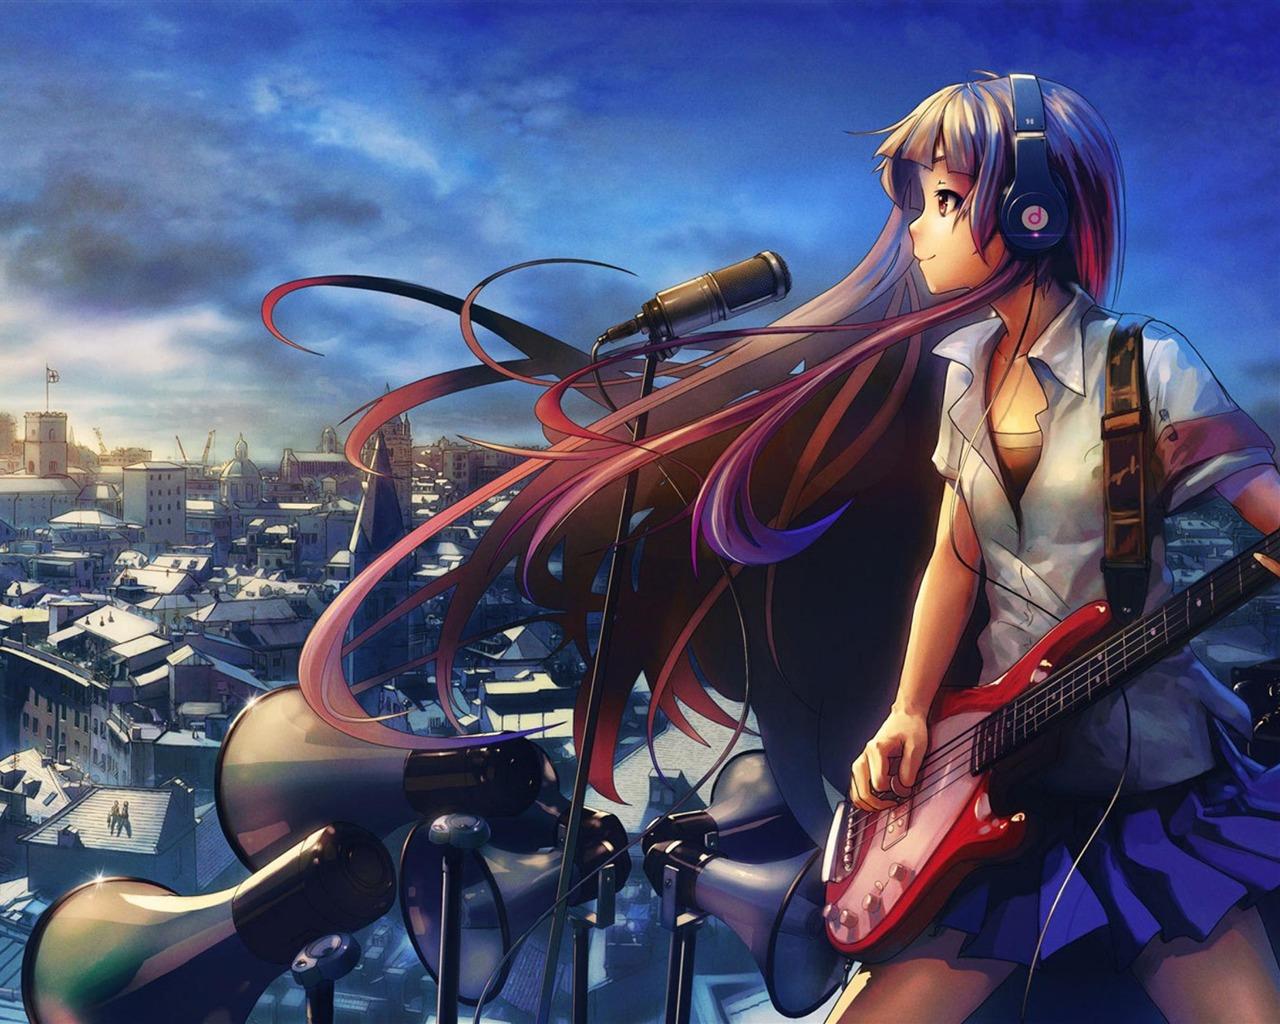 Girl guitar music anime design hd wallpaper 1280x1024 - Anime wallpaper music ...